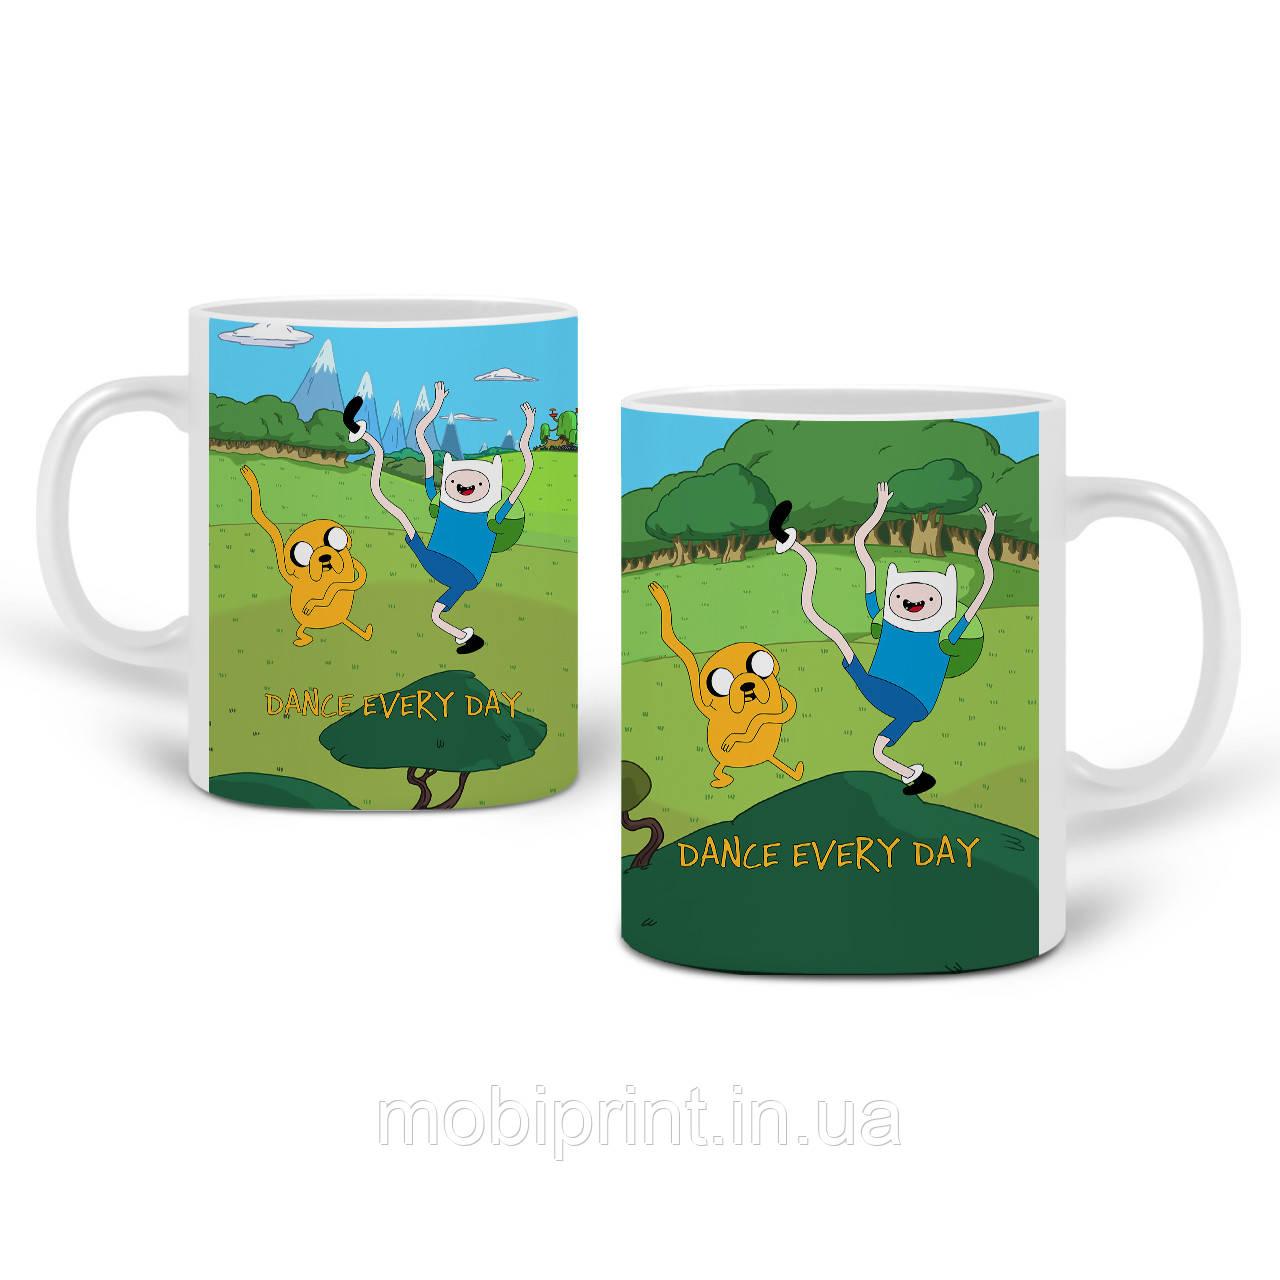 Кружка Финн и Джейк пес Время Приключений (Adventure Time) 330 мл Чашка Керамическая (20259-1580)